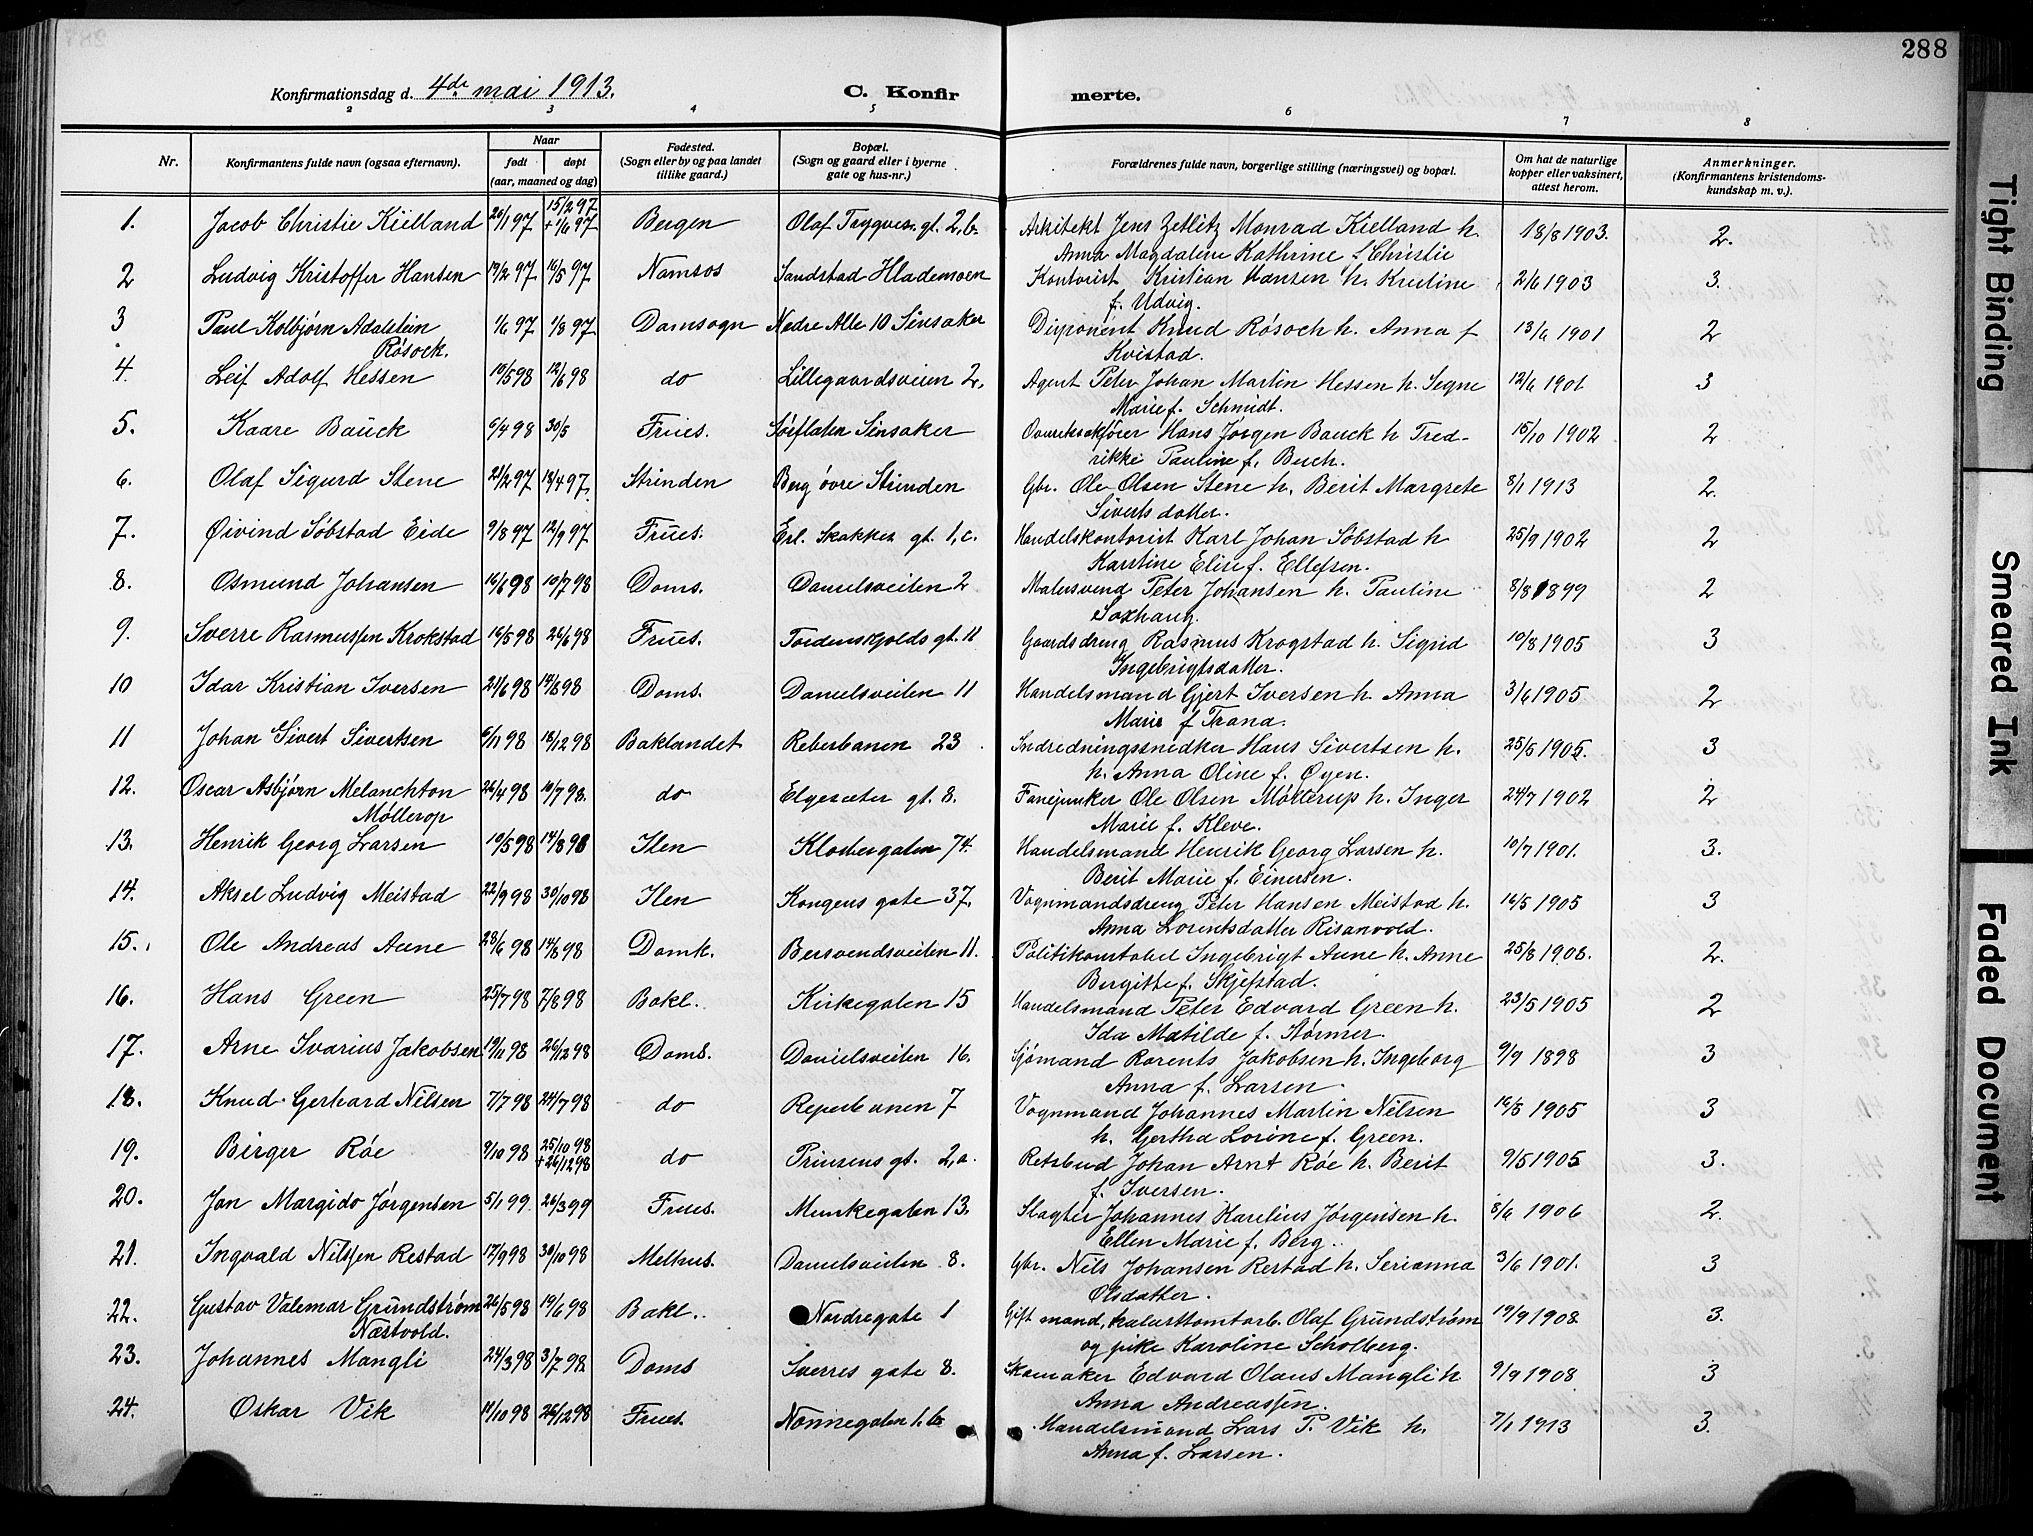 SAT, Ministerialprotokoller, klokkerbøker og fødselsregistre - Sør-Trøndelag, 601/L0096: Klokkerbok nr. 601C14, 1911-1931, s. 288